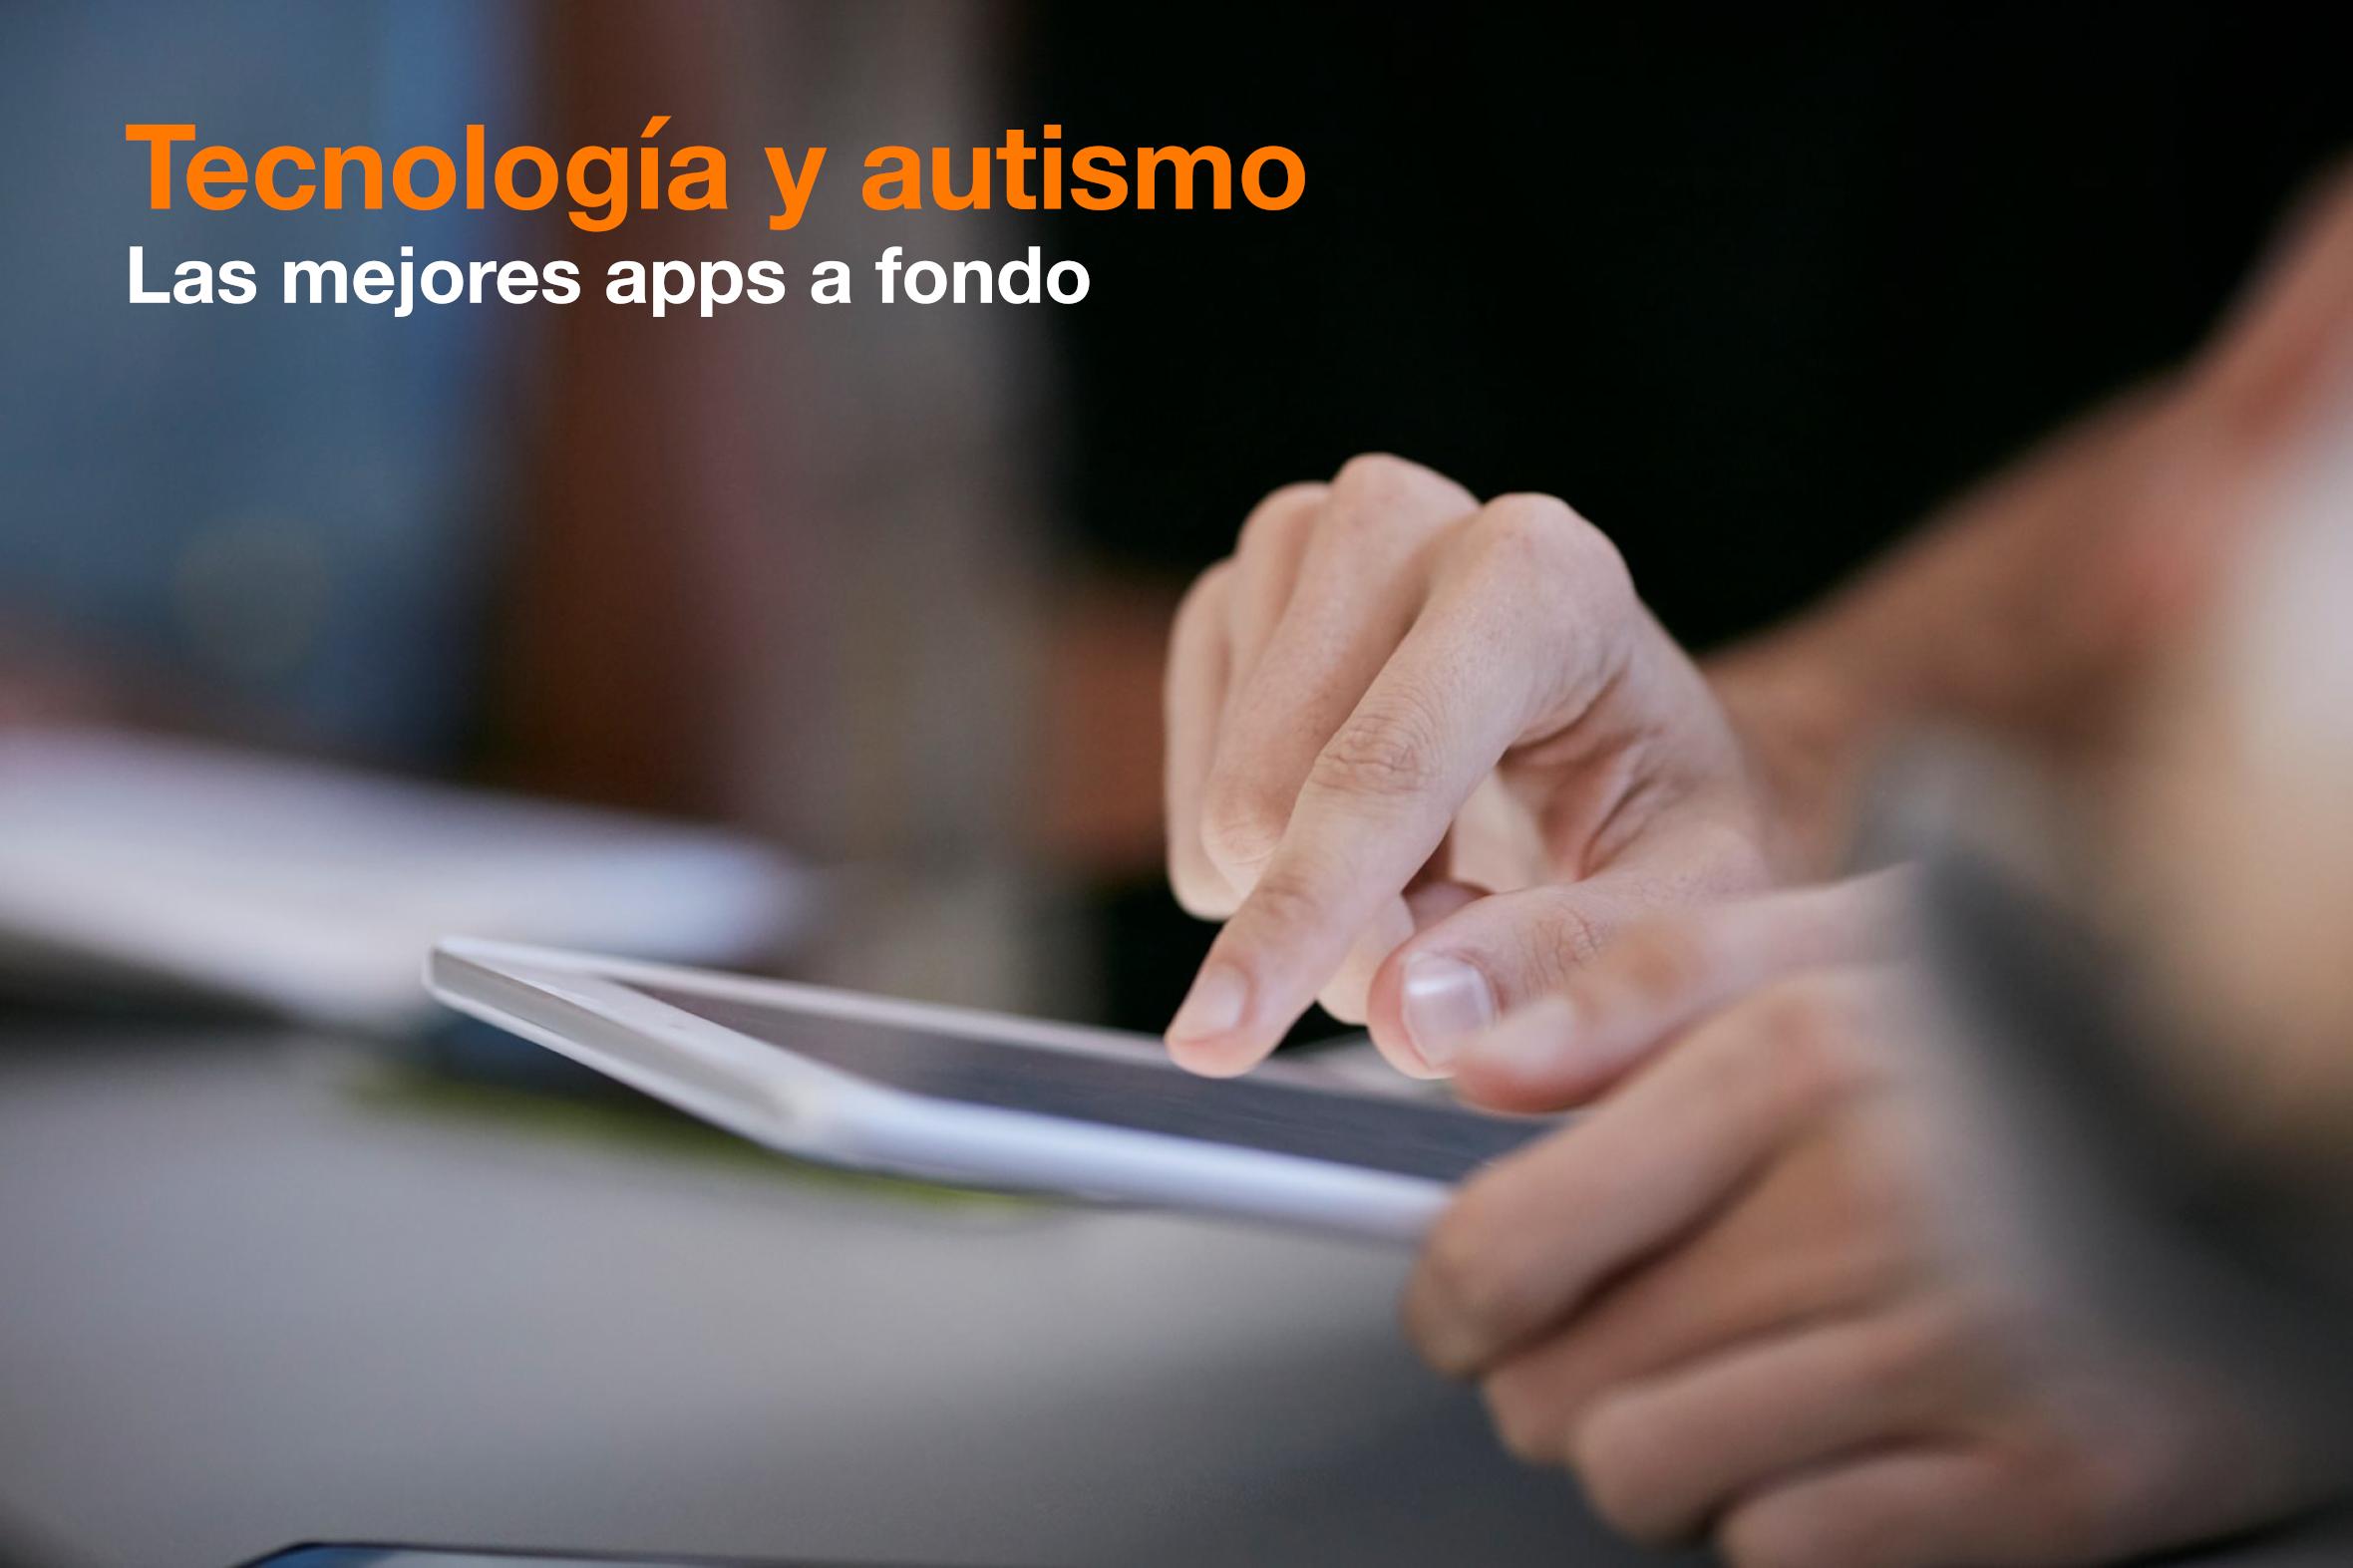 Tecnología y autismo: las mejores apps a fondo